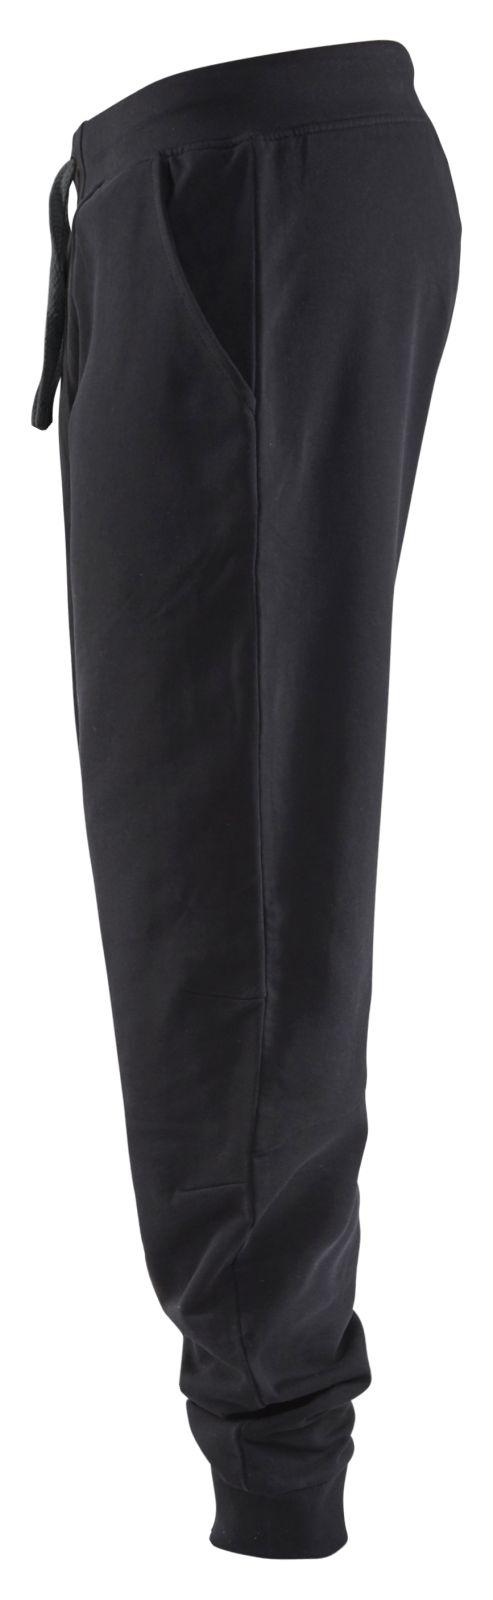 Blaklader Sweatbroeken 91951158 zwart(9900)